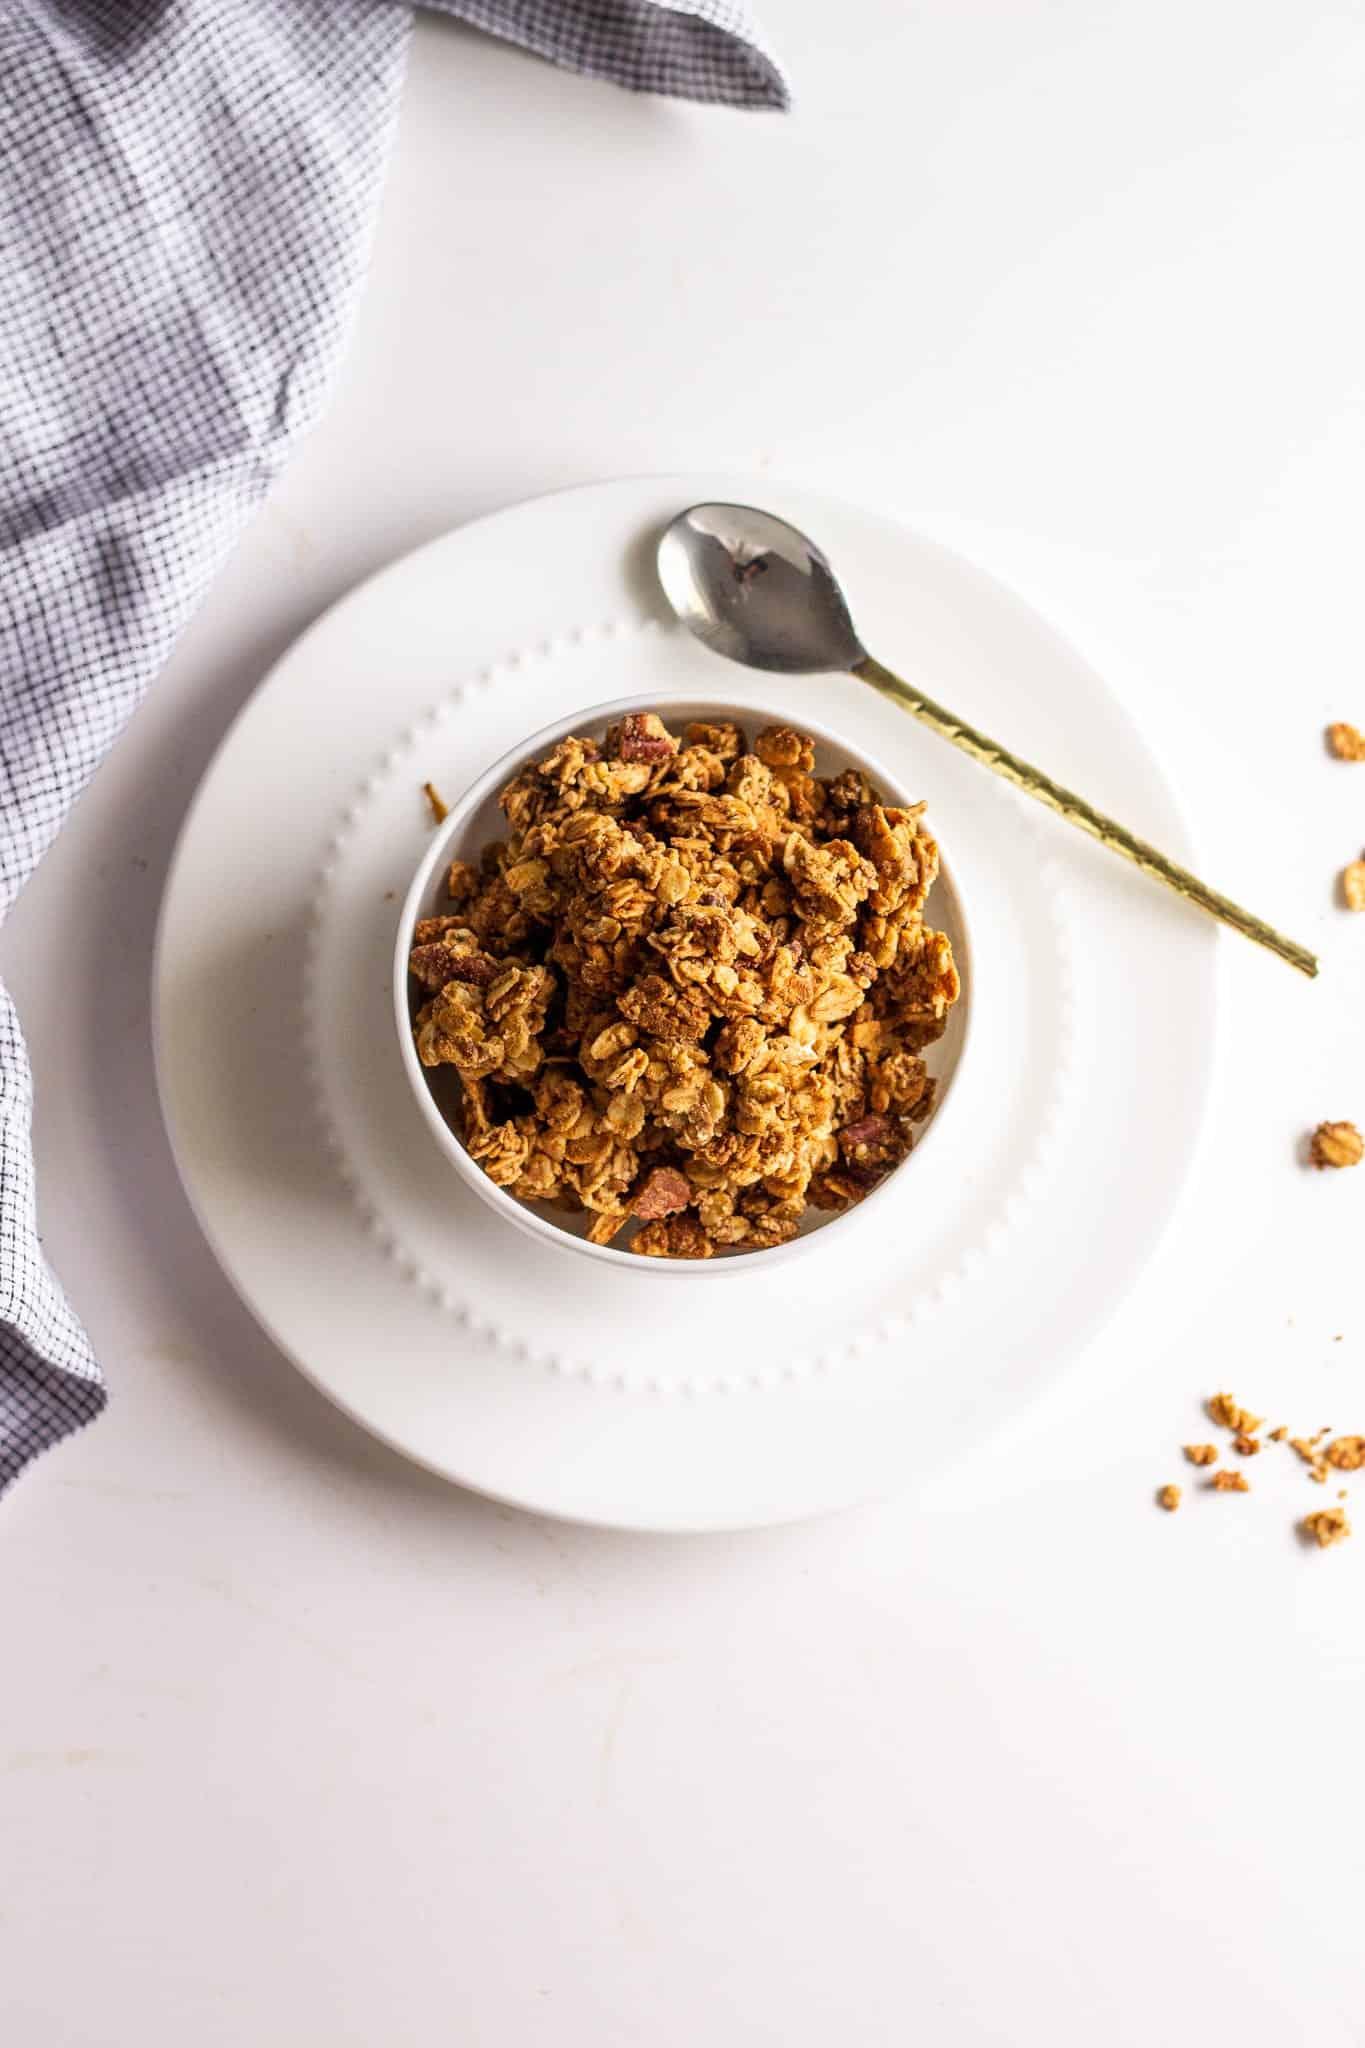 low FODMAP Granola #lowfodmap #glutenfree #dairyfree #vegan